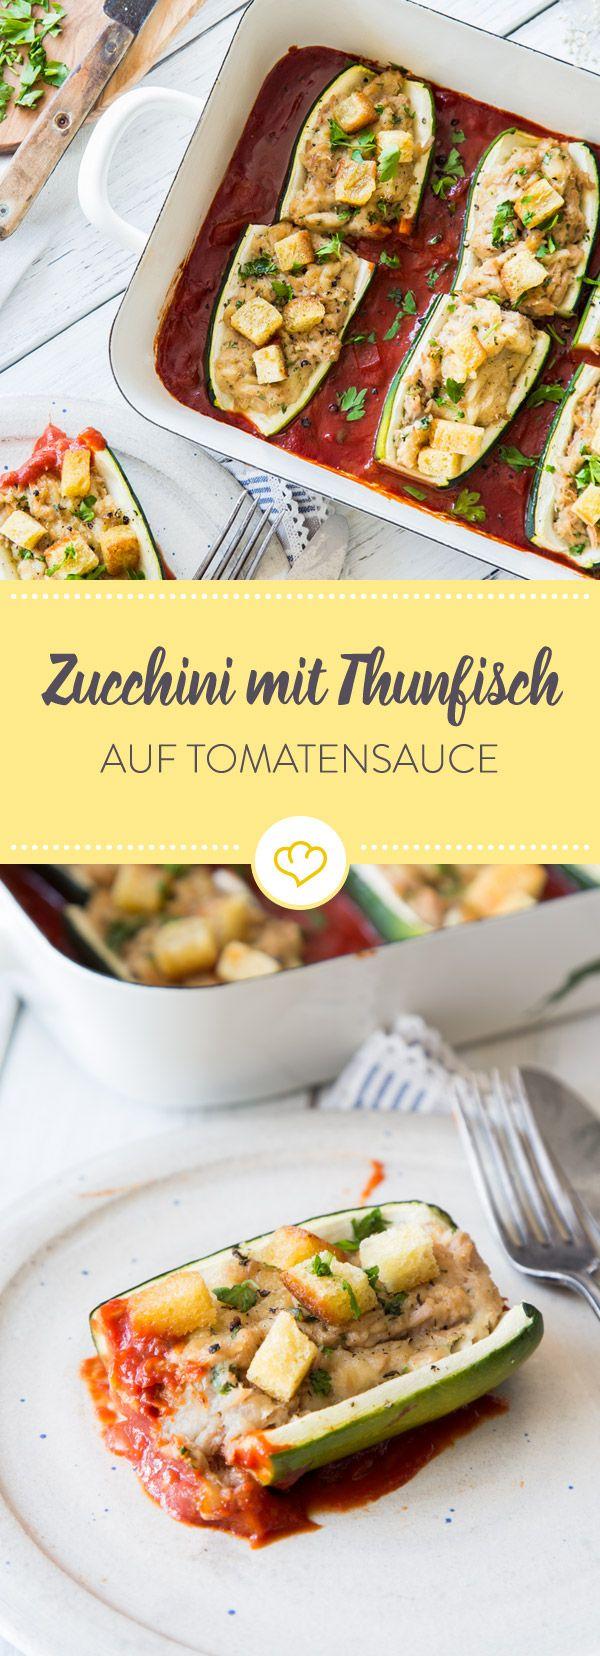 Diese Zucchini werden erst mit Thunfisch gefüllt und kommen dann mit fruchtiger Tomatensauce in den Ofen. Das Ergebnis: Köstlich!